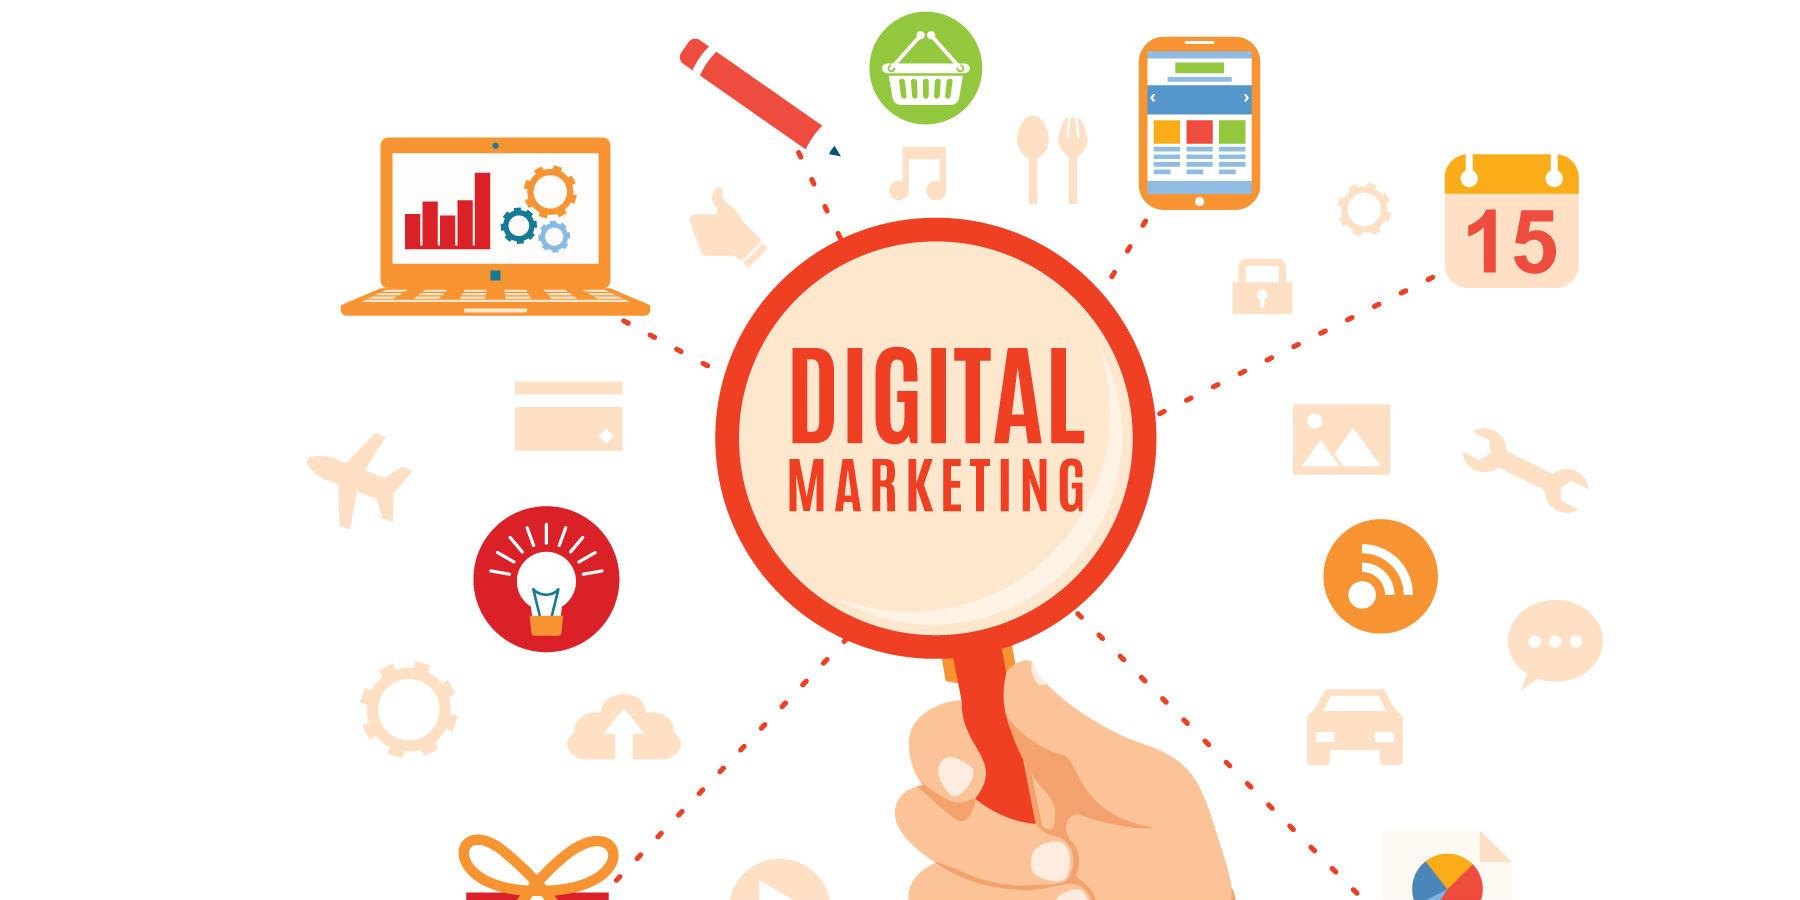 Digital Marketing là gì? Tổng quan về Digital cho người bắt đầu ...